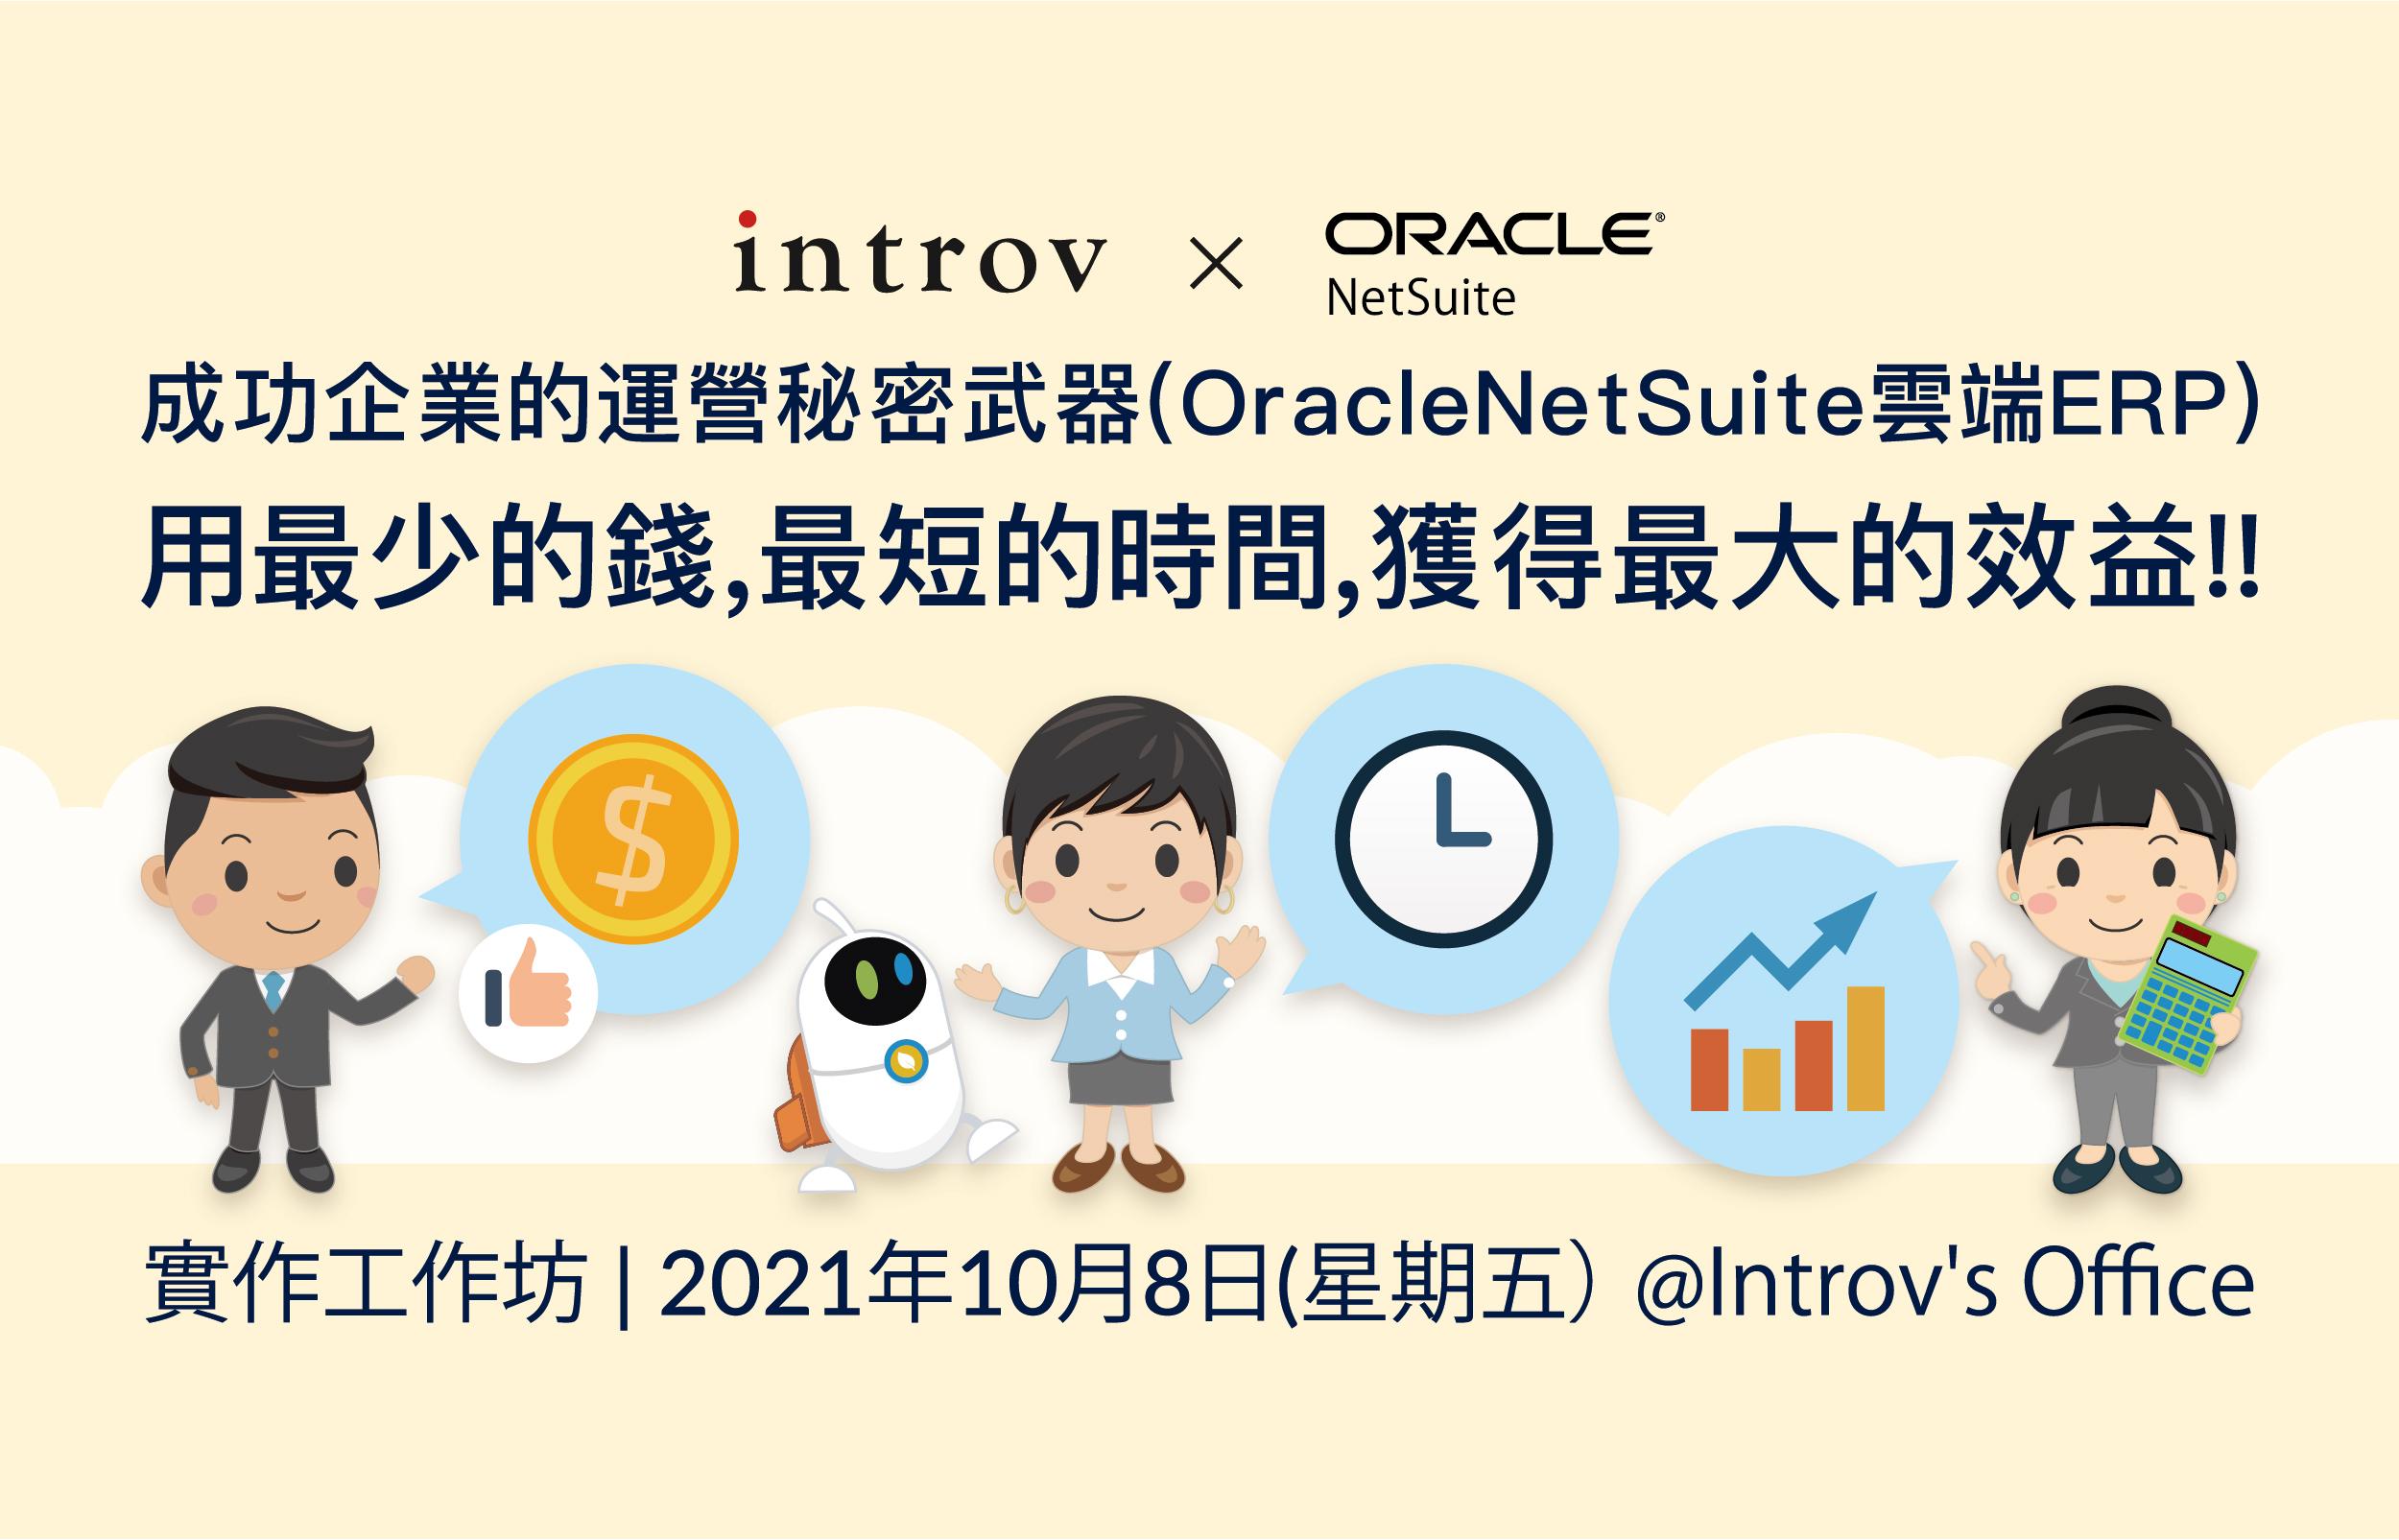 [實作工作坊] 成功企業的運營秘密武器 (Oracle NetSuite 雲端ERP)- 用最少的錢, 最短的時間, 獲得最大的效益 ! (2021年10月8日)